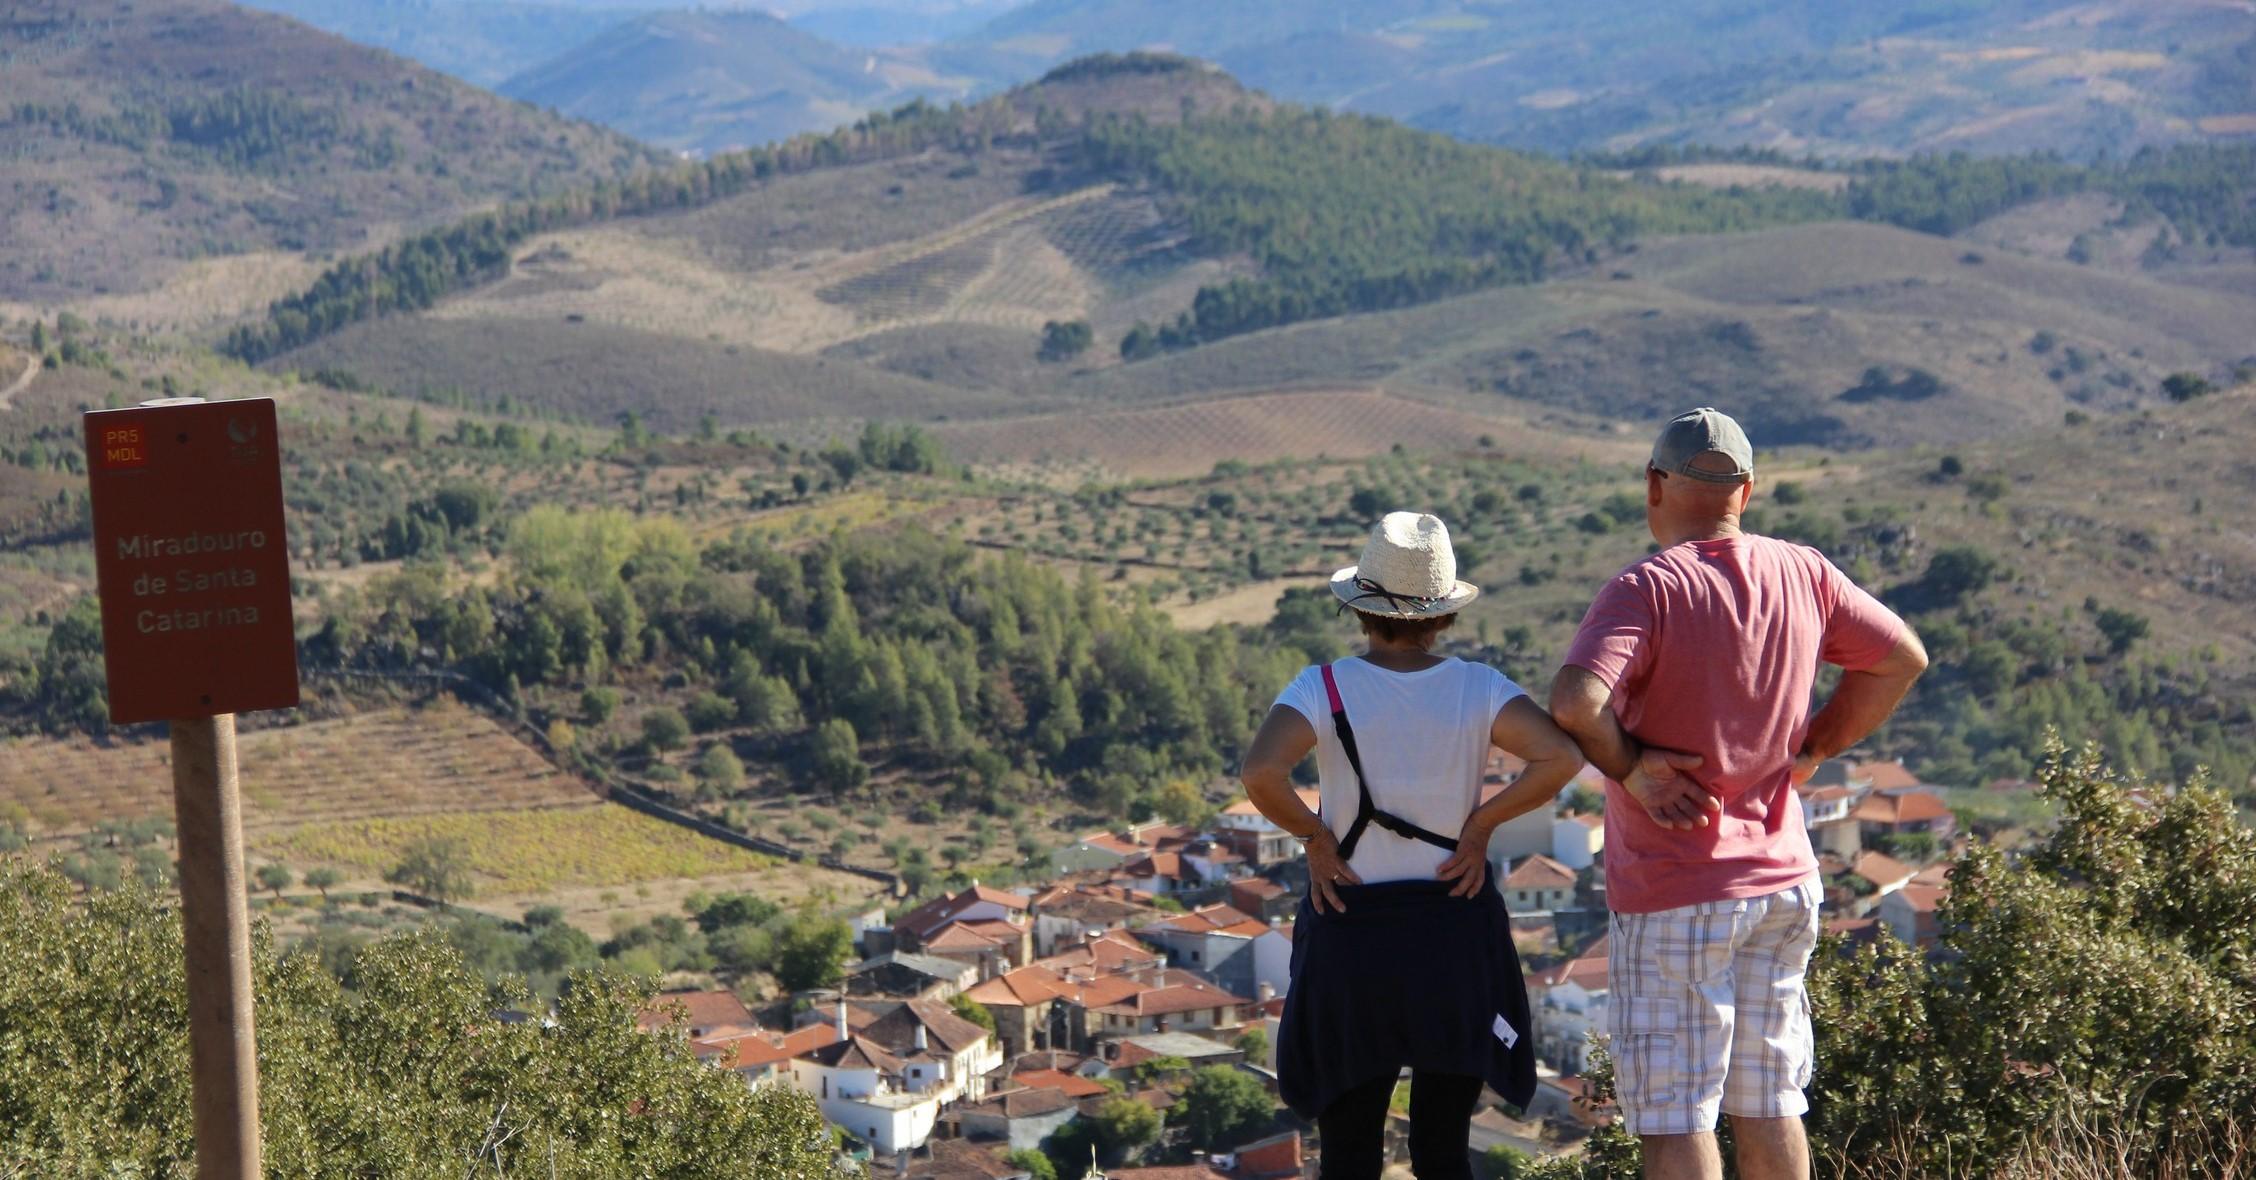 Caminheiros num percurso em Mirandela